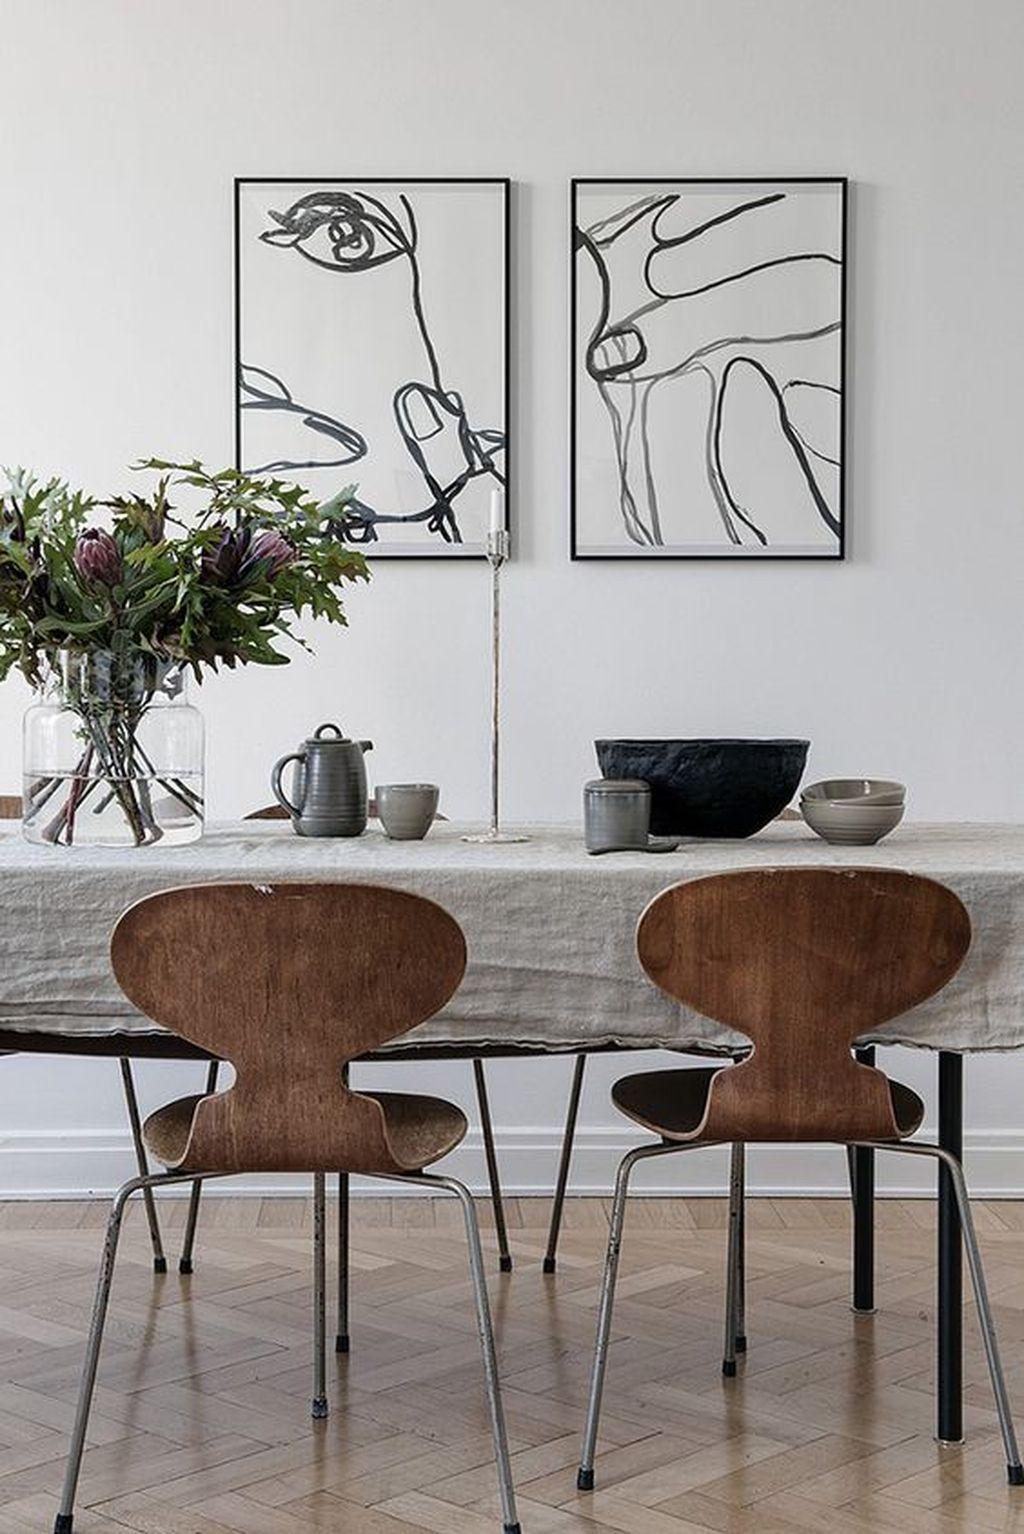 50 Simple Scandinavian Dining Room Ideas Decorating Ideas Home Decor Ideas And Tips Scandinavian Dining Room Dining Room Inspiration Decor Simple diningroom design ideas